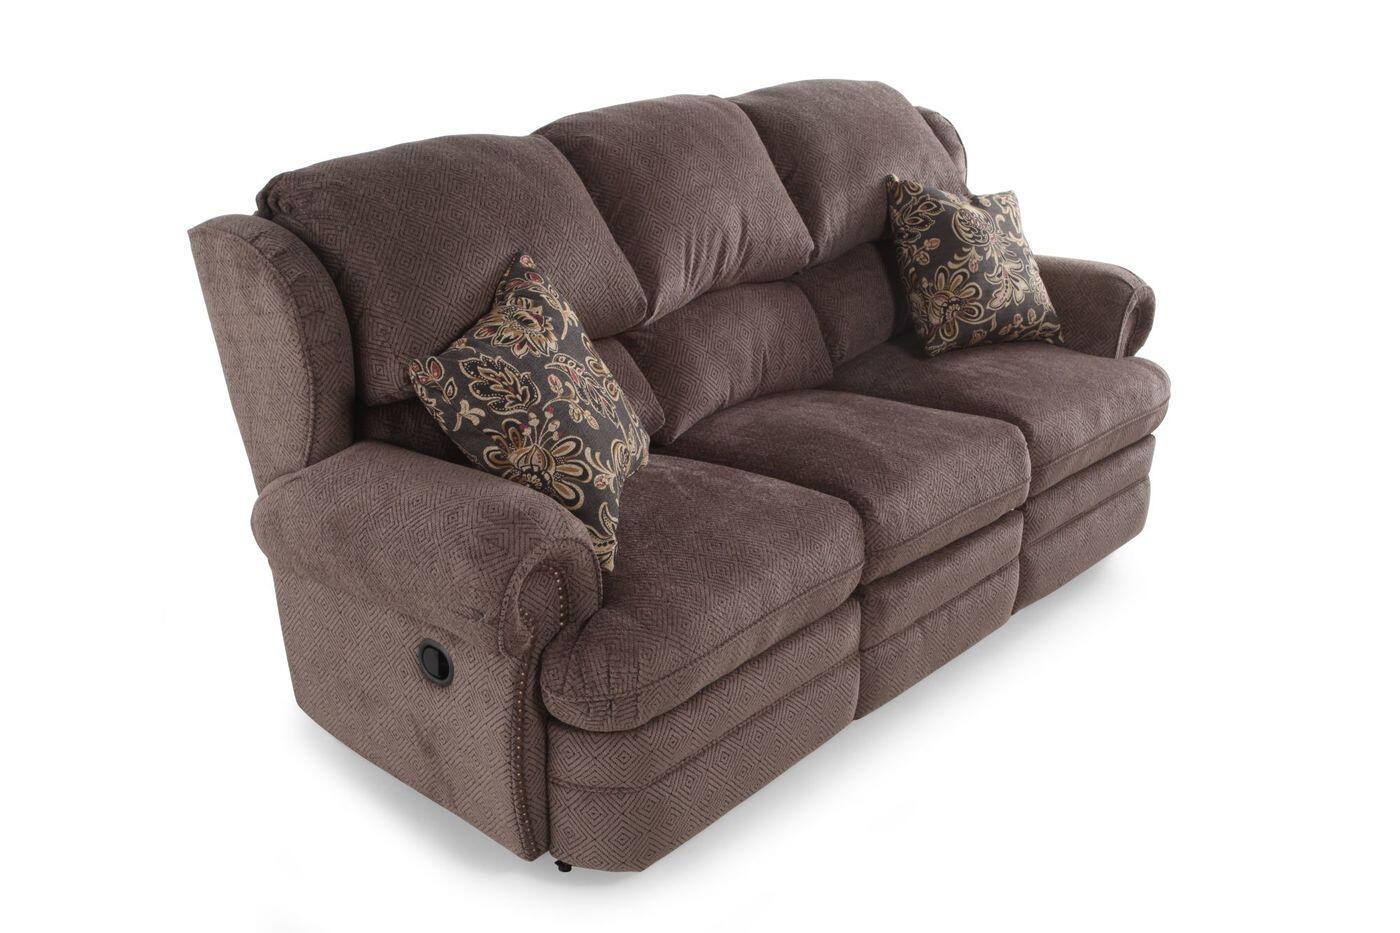 Lane Furniture 20339142614124113